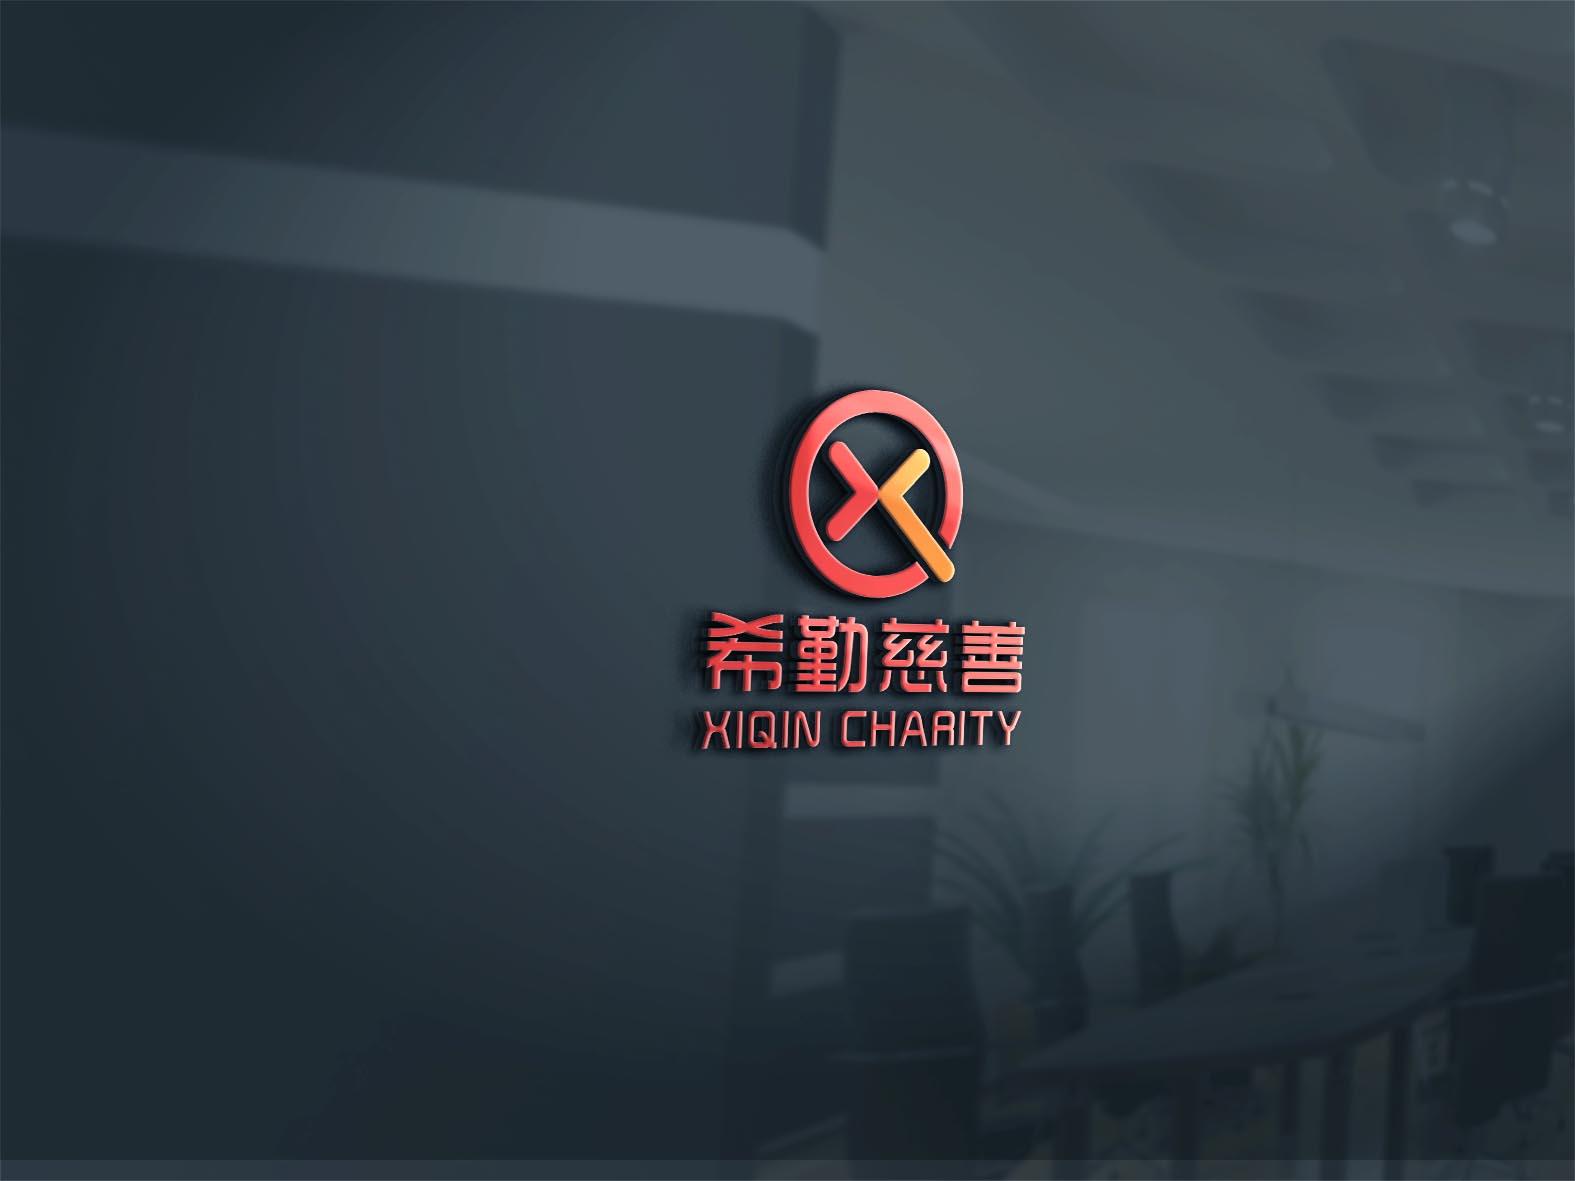 慈善机构LOGO_3018246_k68威客网